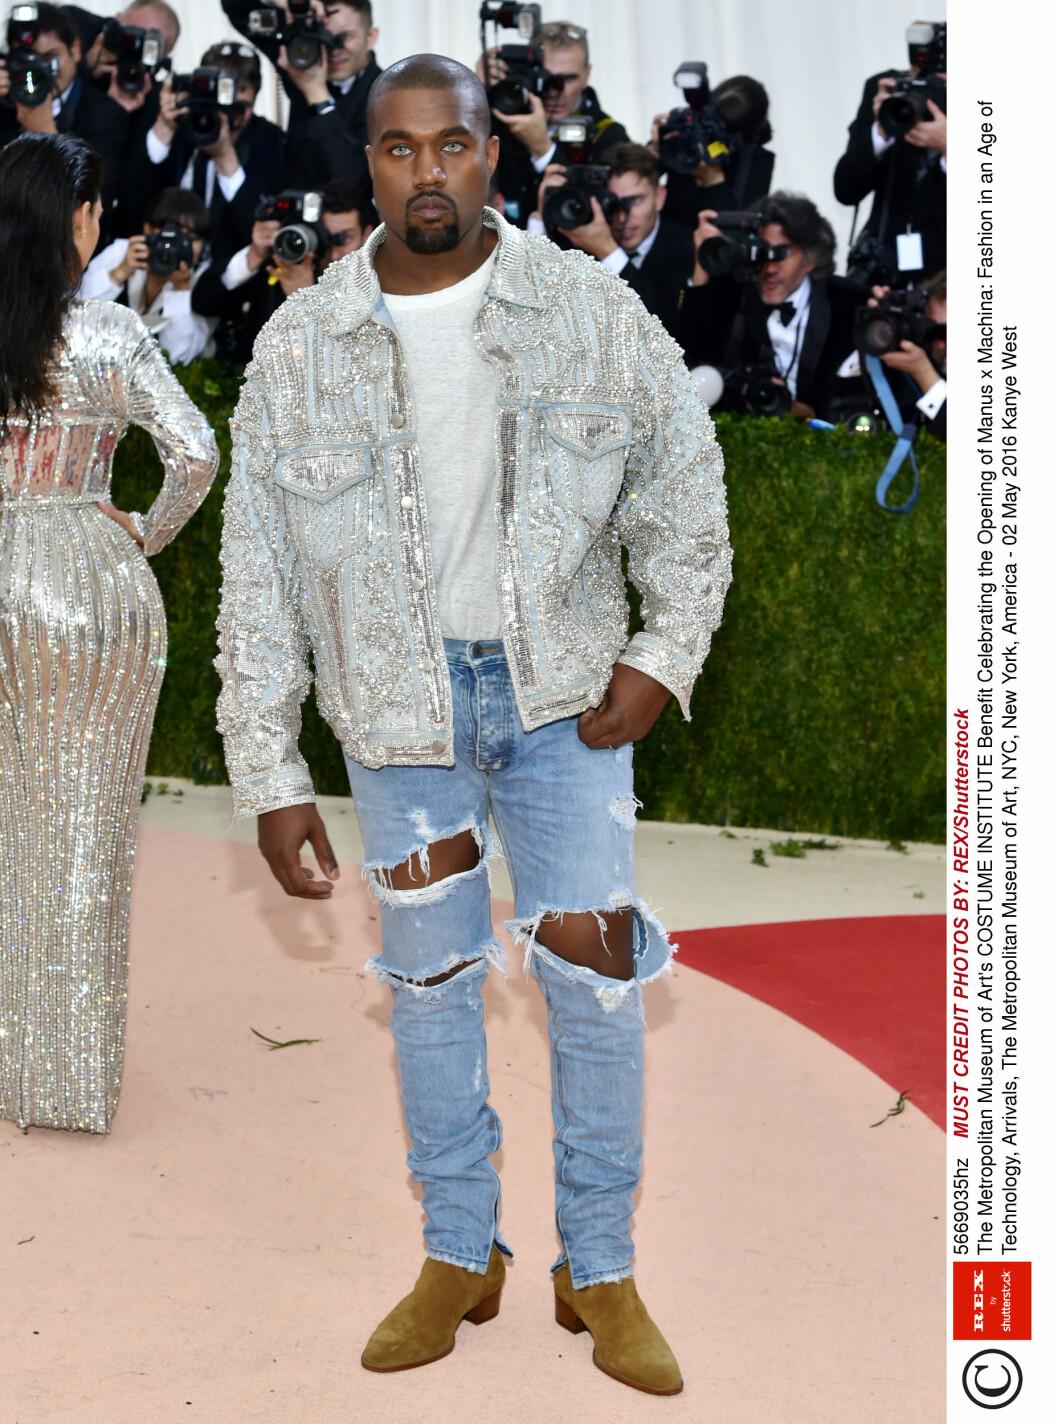 BOMMET: Rapper Kanye West har vist seg med både bleke kontaktlinser og perlebrodert Balmain-jakke tidligere, og de semskede bootsene og opprevne jeansene var ikke galla-verdige.  Foto: Rex Features